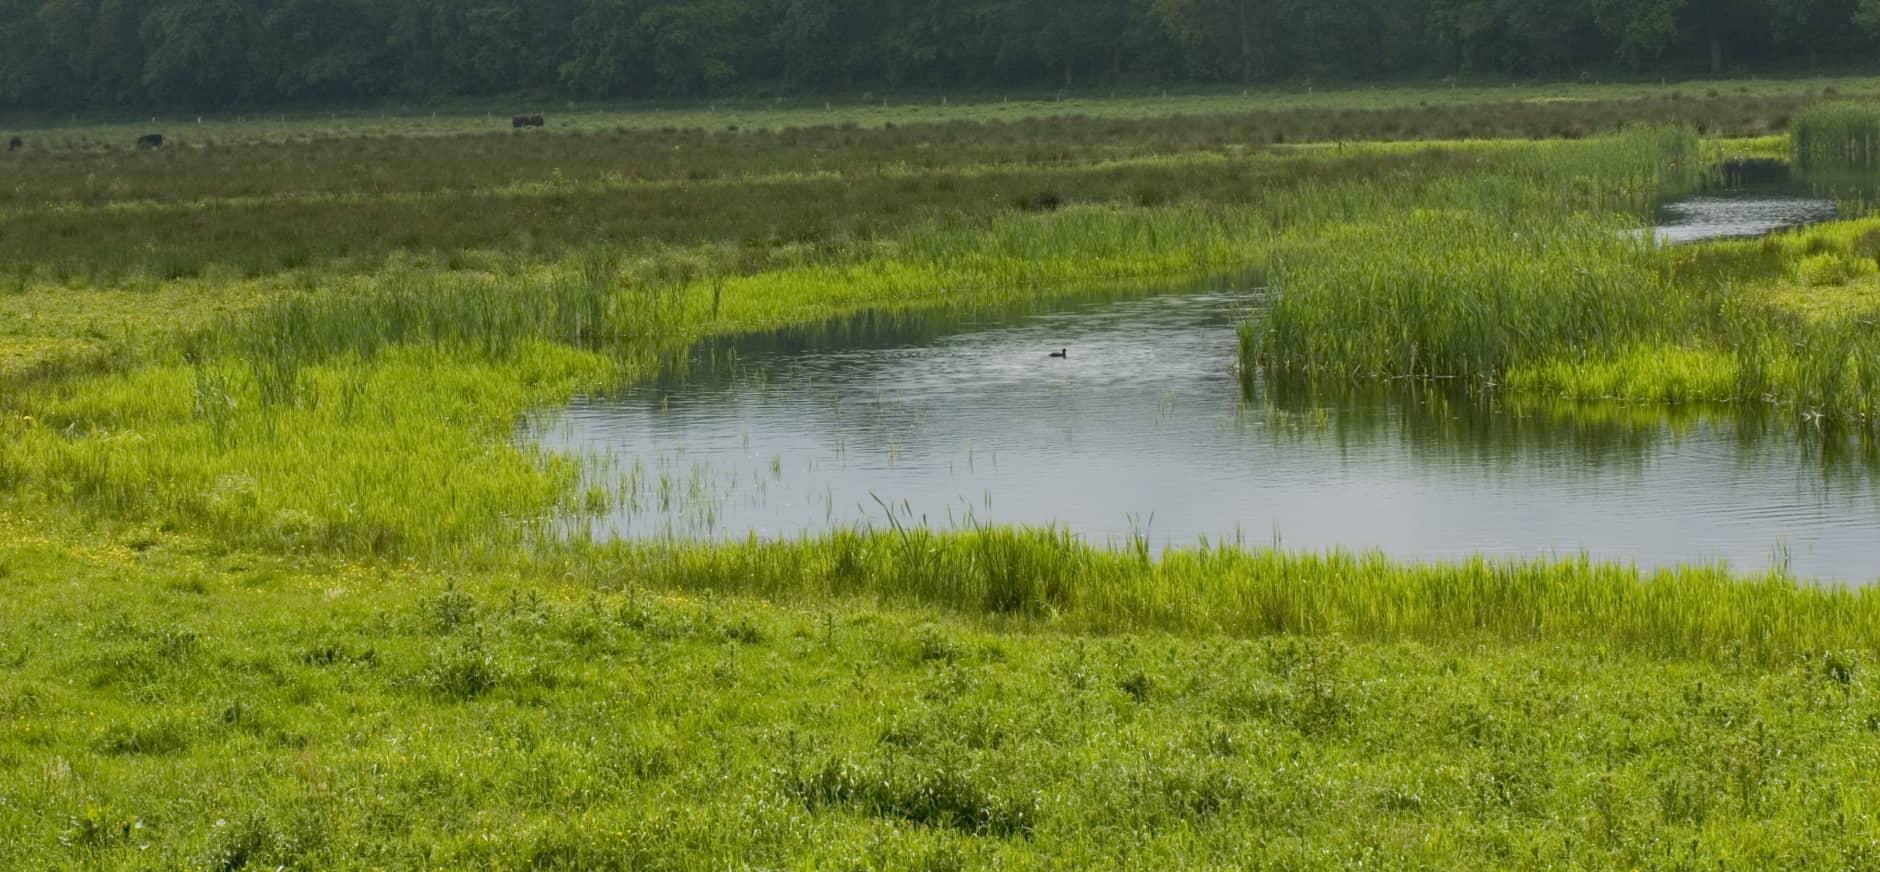 De Schaarsbeek stroomt vrijelijk door het Grote Goor